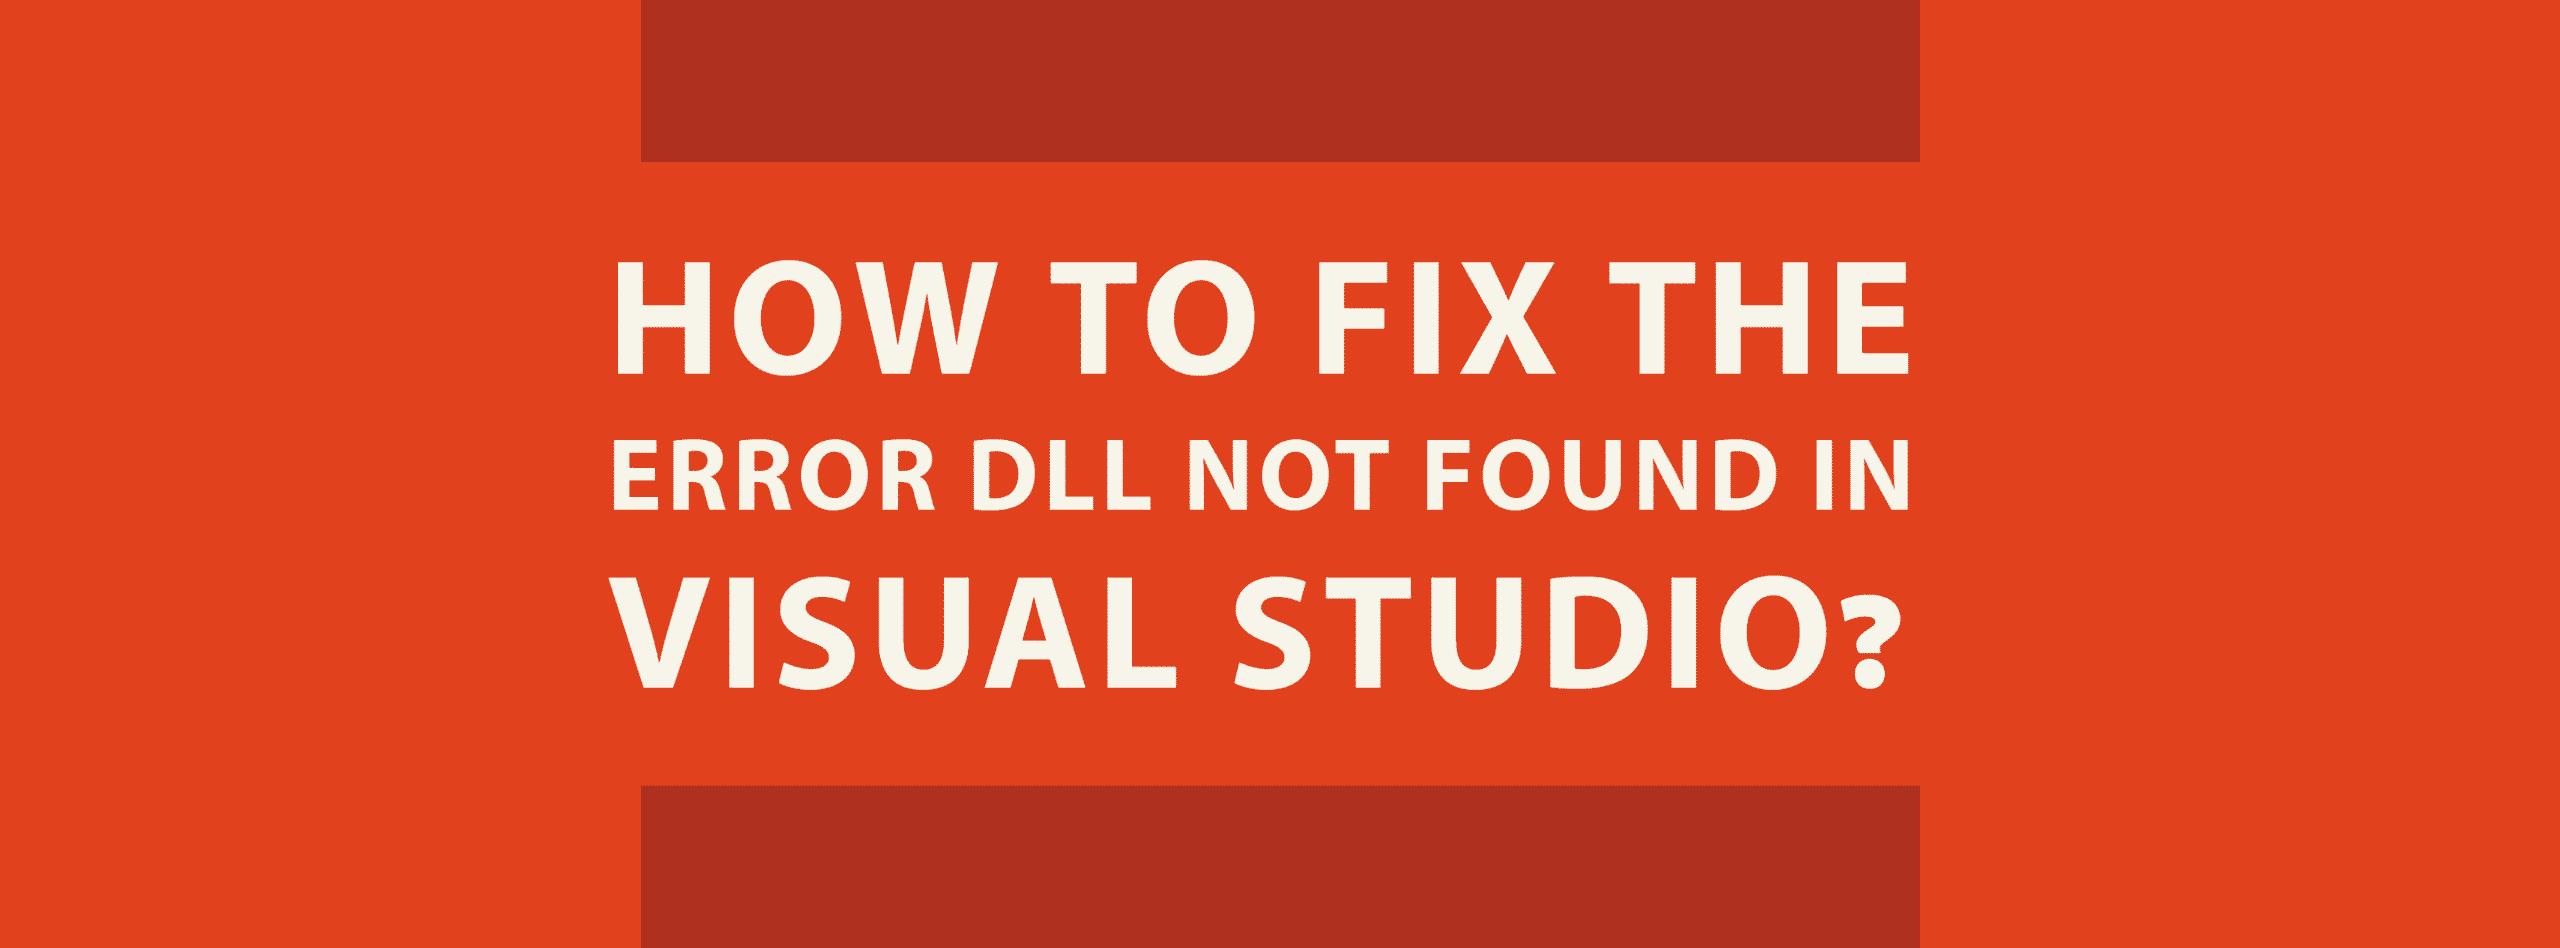 Corregir el error DLL no encontrado en Visual Studio